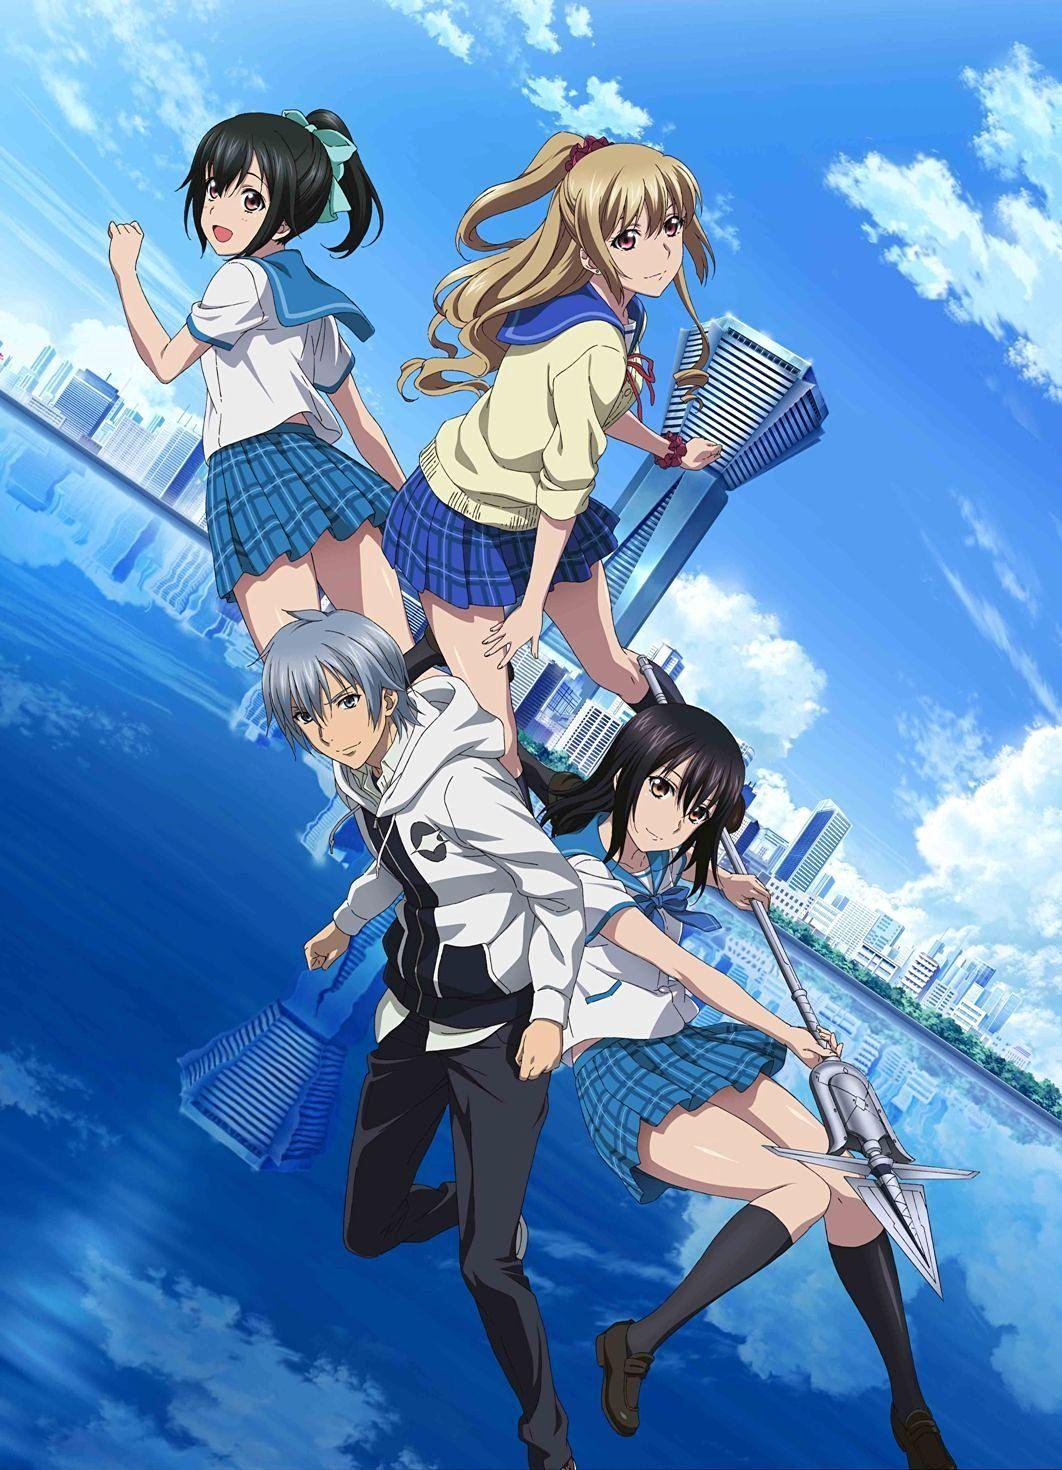 Imagen Promocional Y Artista De Opening La Nueva Serie OVAs Strike The Blood